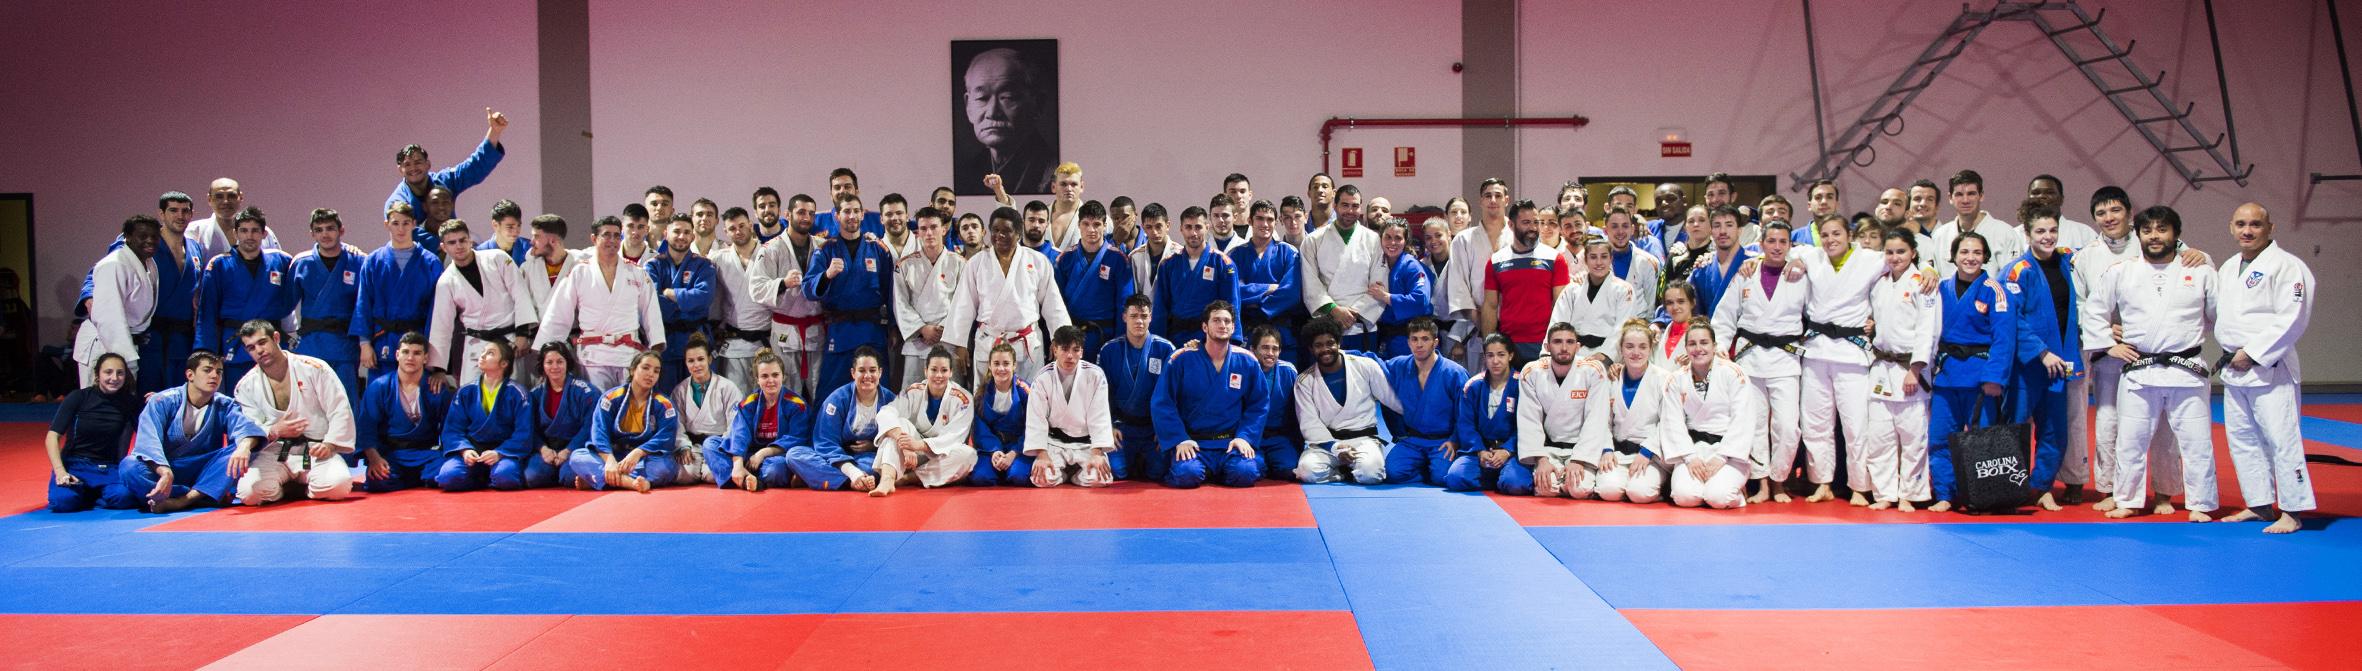 Exhibición Judo foto_Abulaila (6)